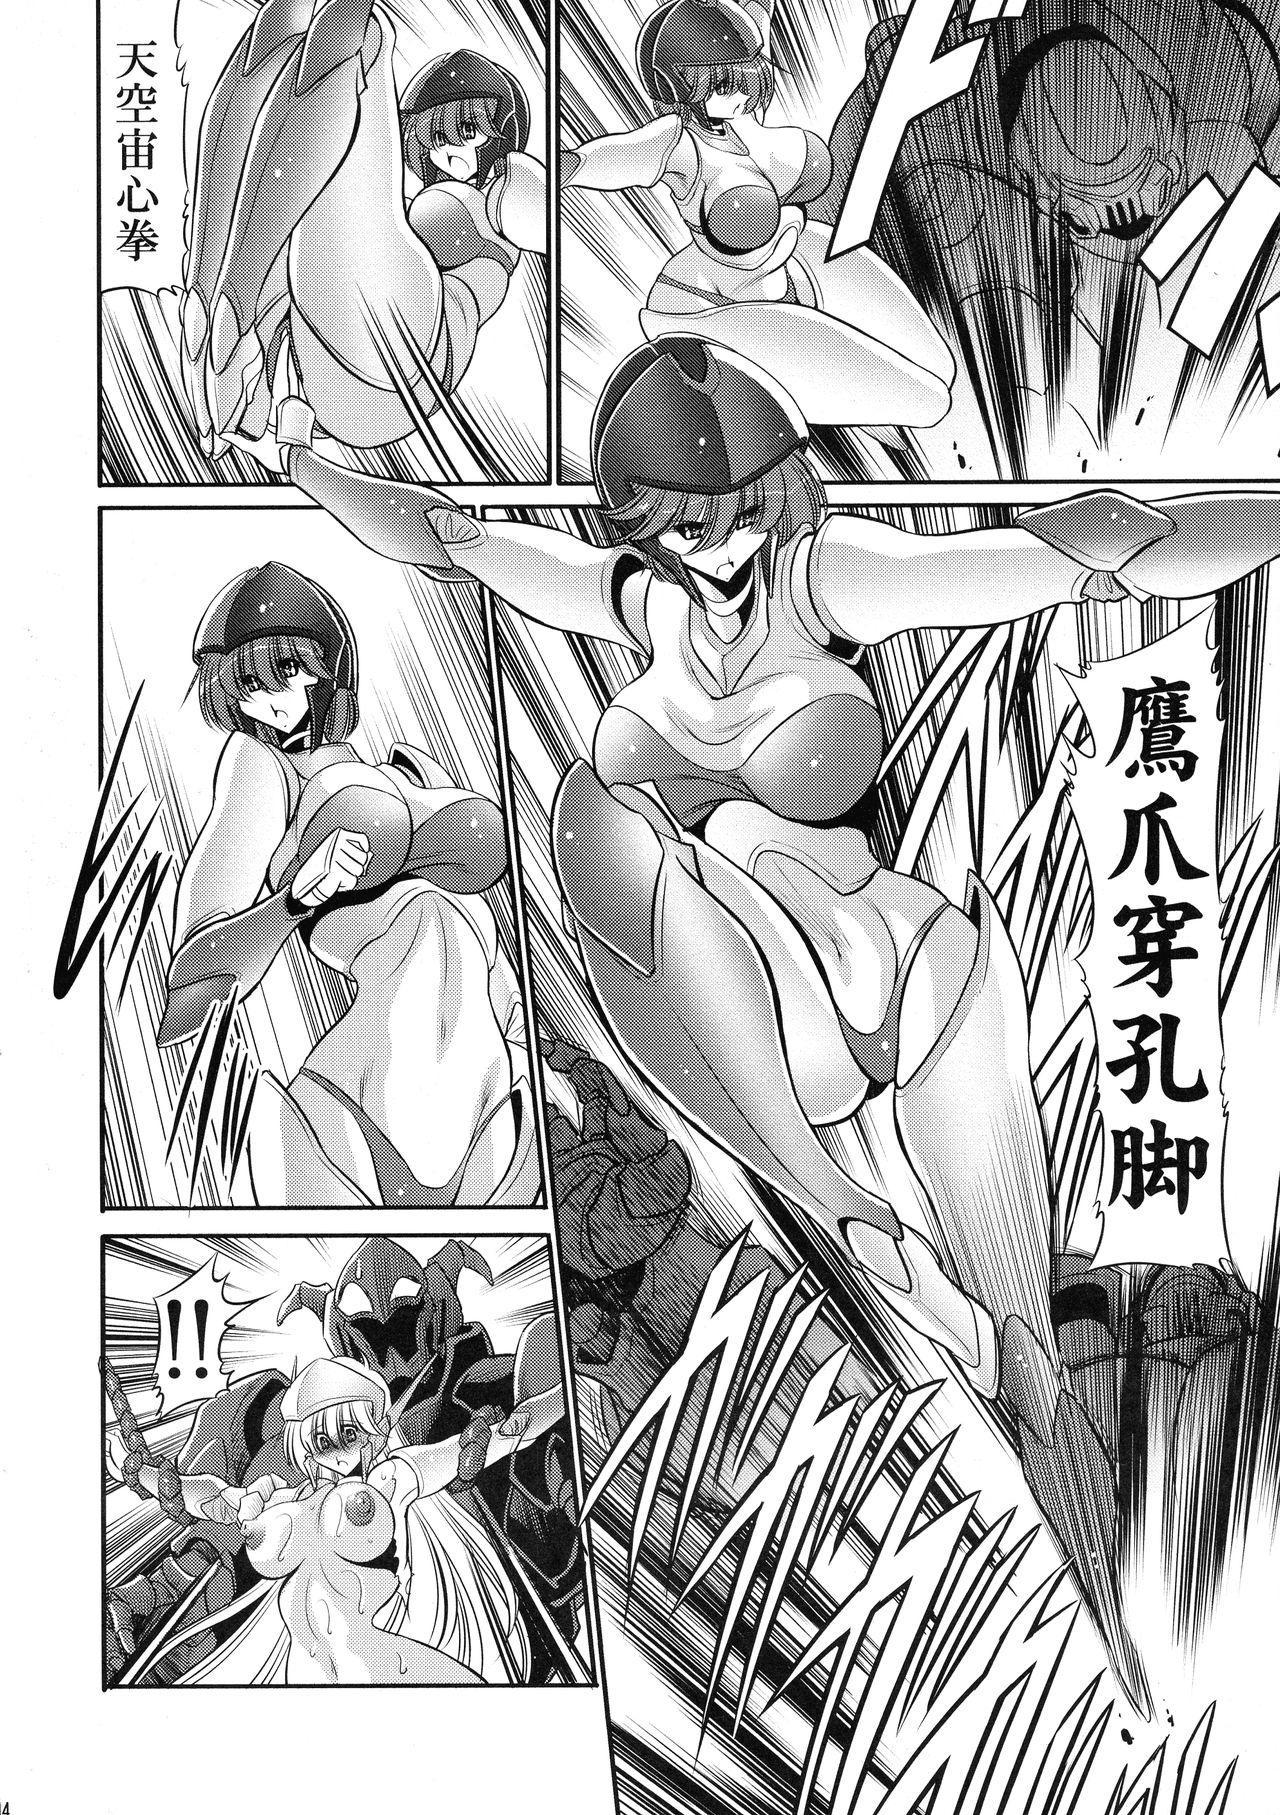 Cronos no Dai Gyakushuu 13